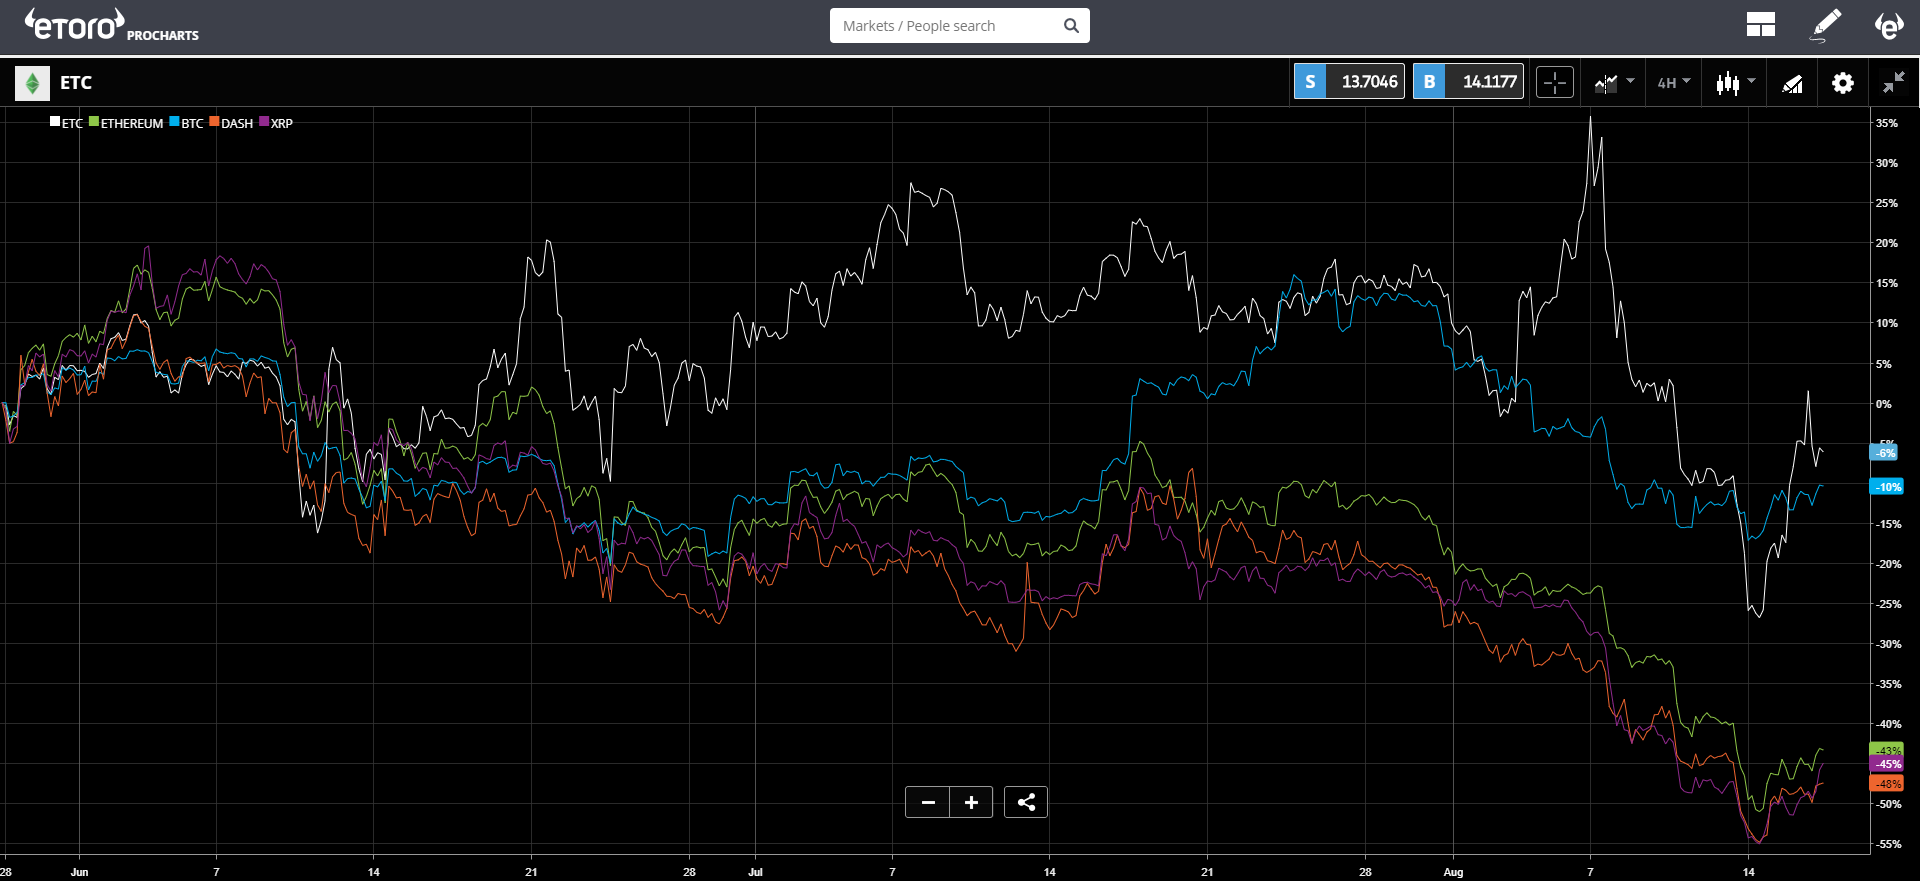 etoro, crypto, markets, dollar, turkey, united states, trading